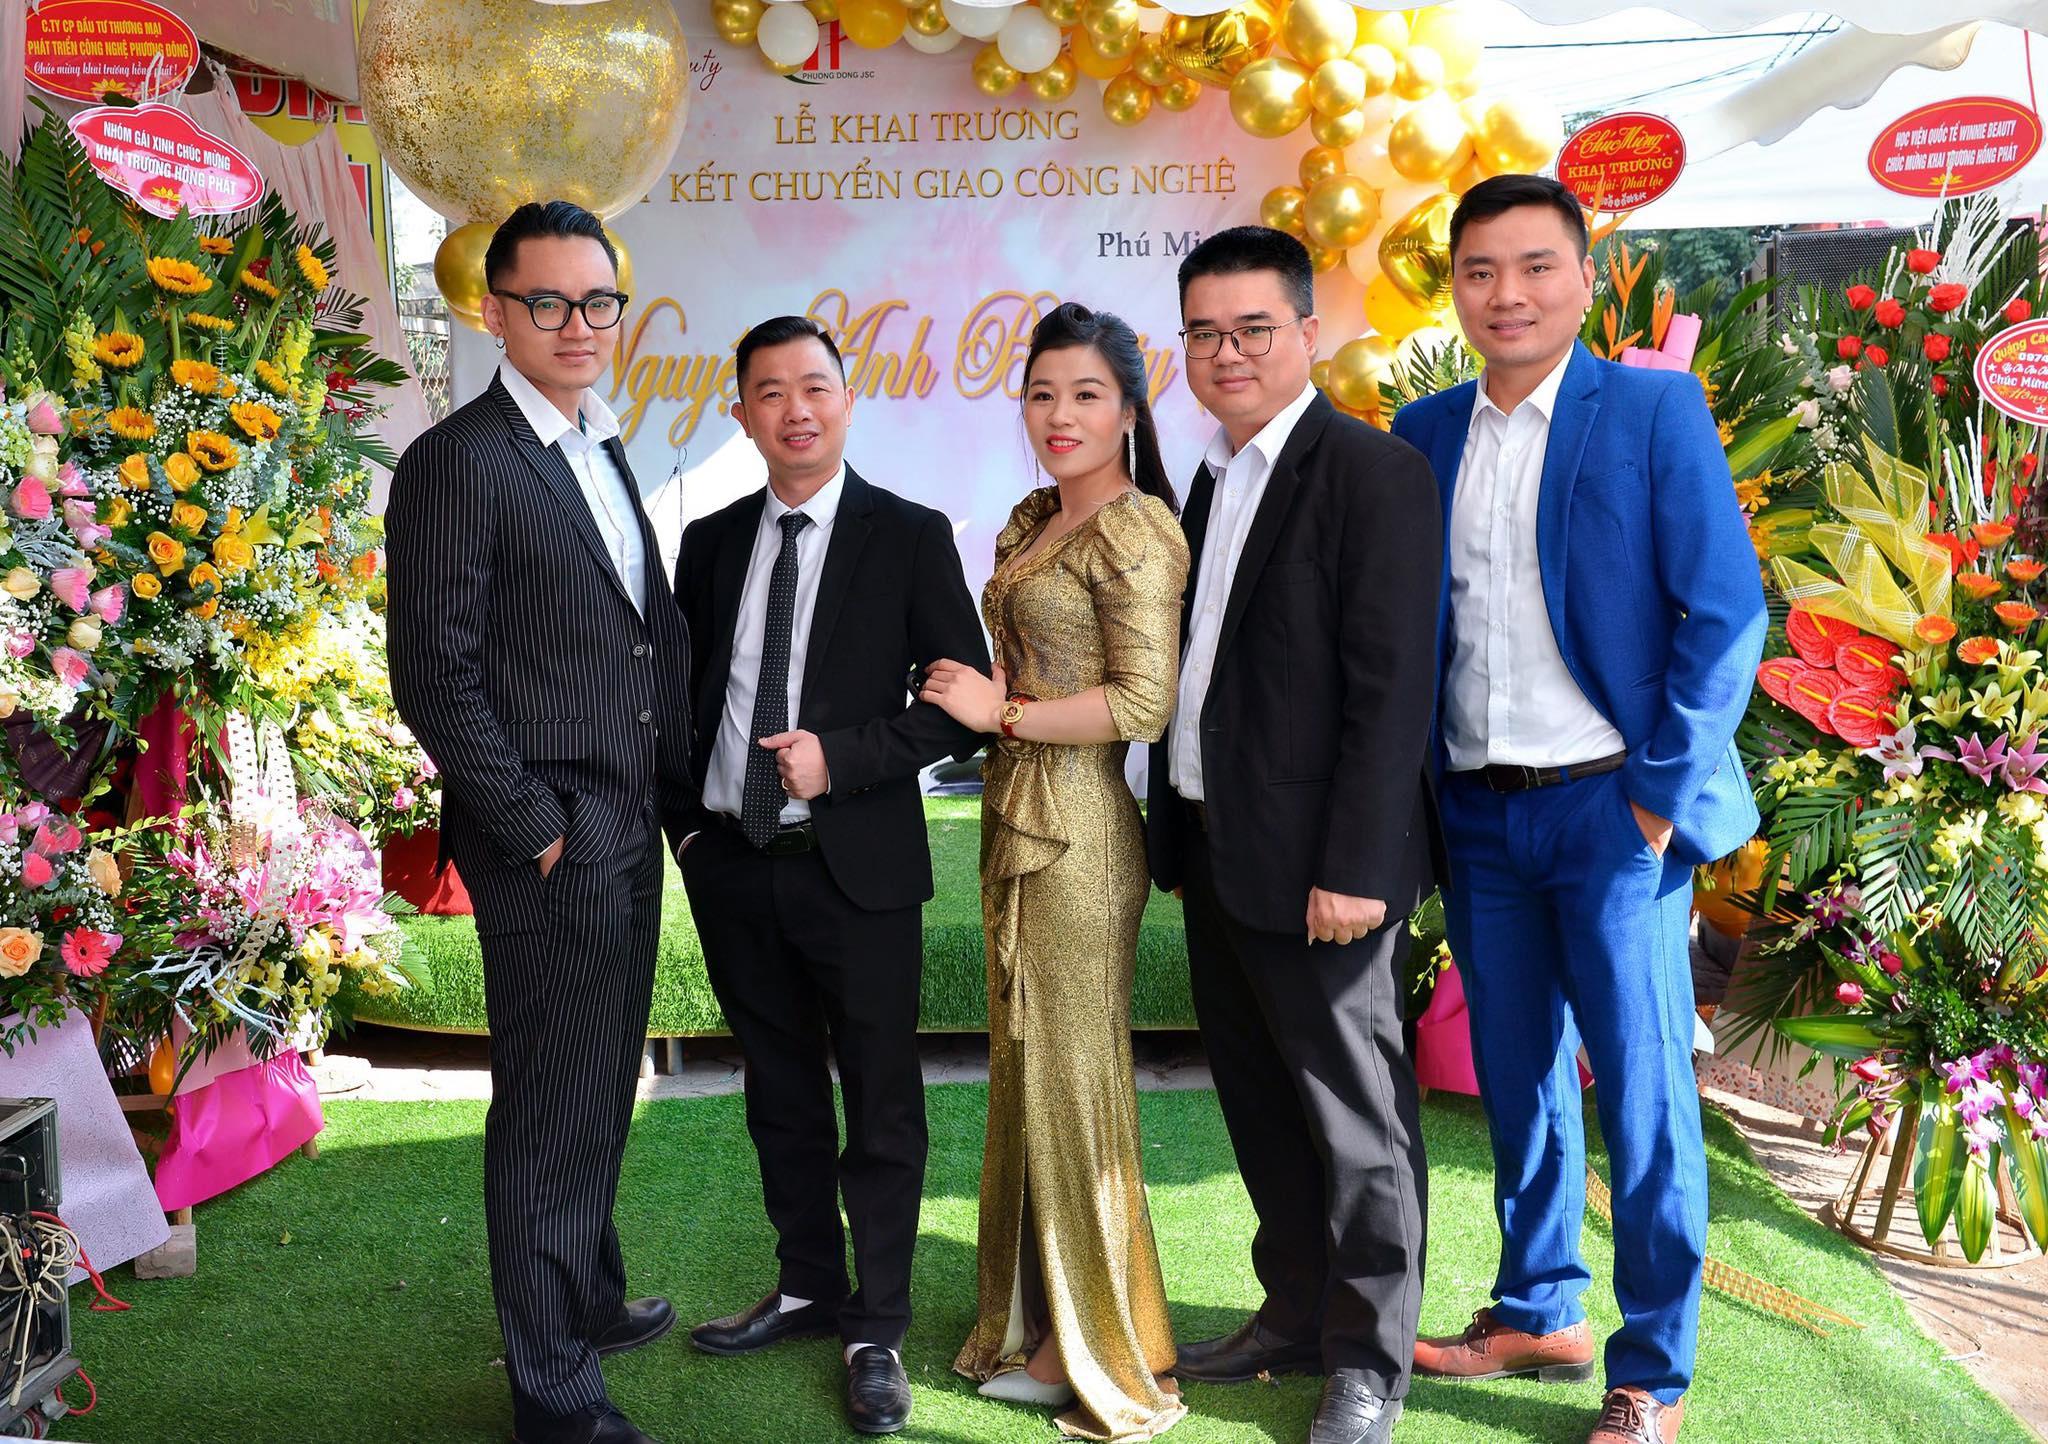 Đội ngũ chuyên gia chụp ảnh lưu niệm cùng cô chủ Nguyệt Nguyêtx